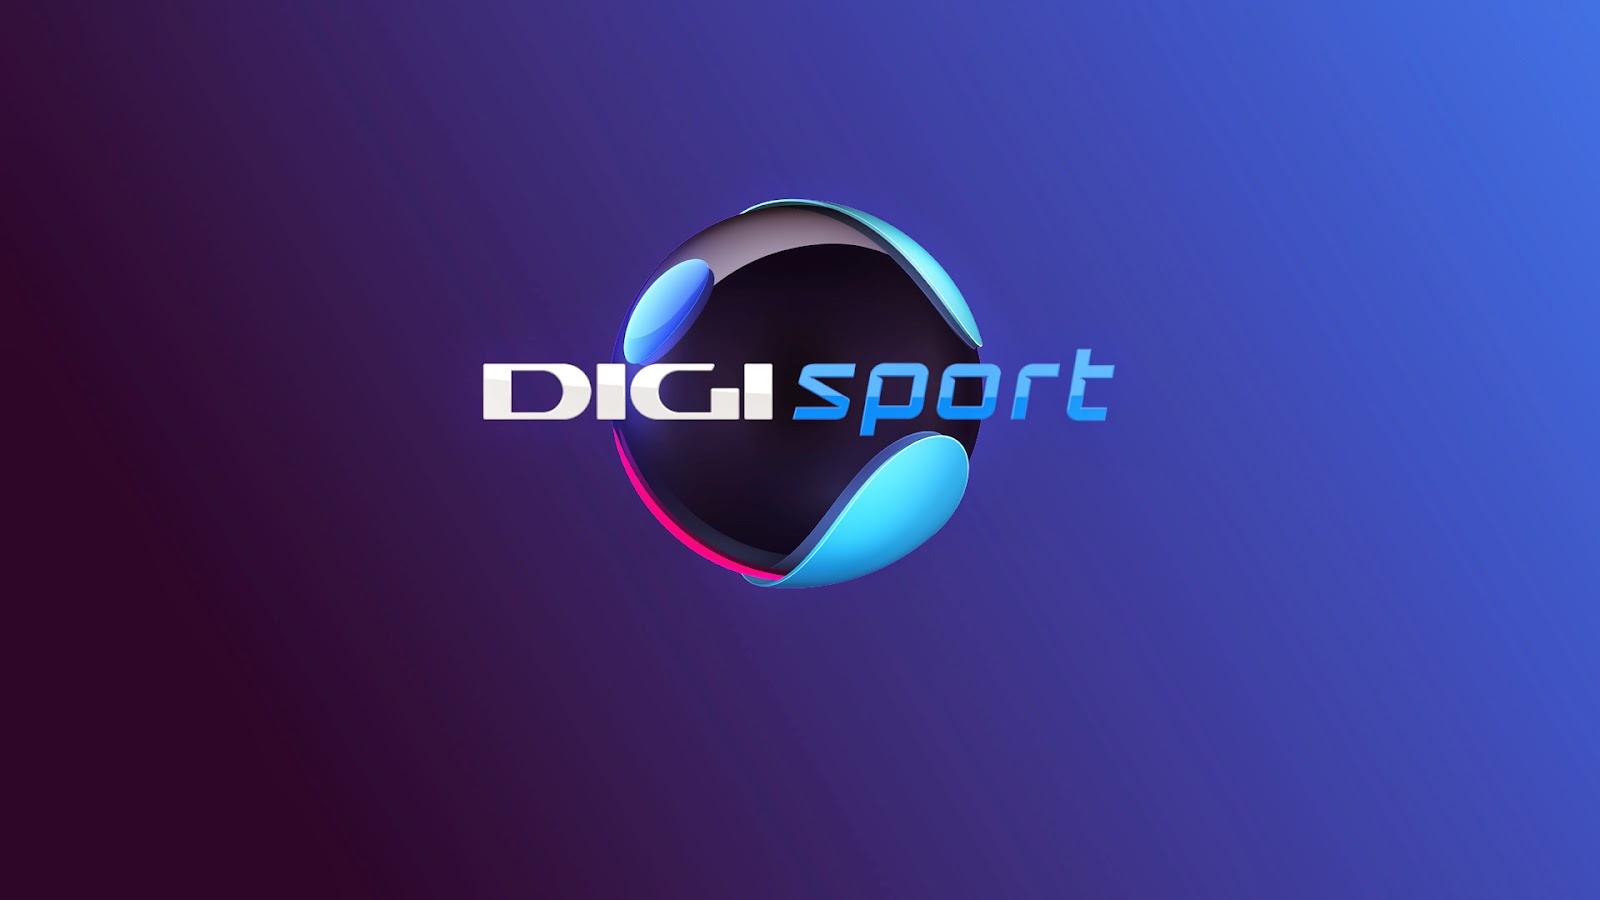 digisport 2 online